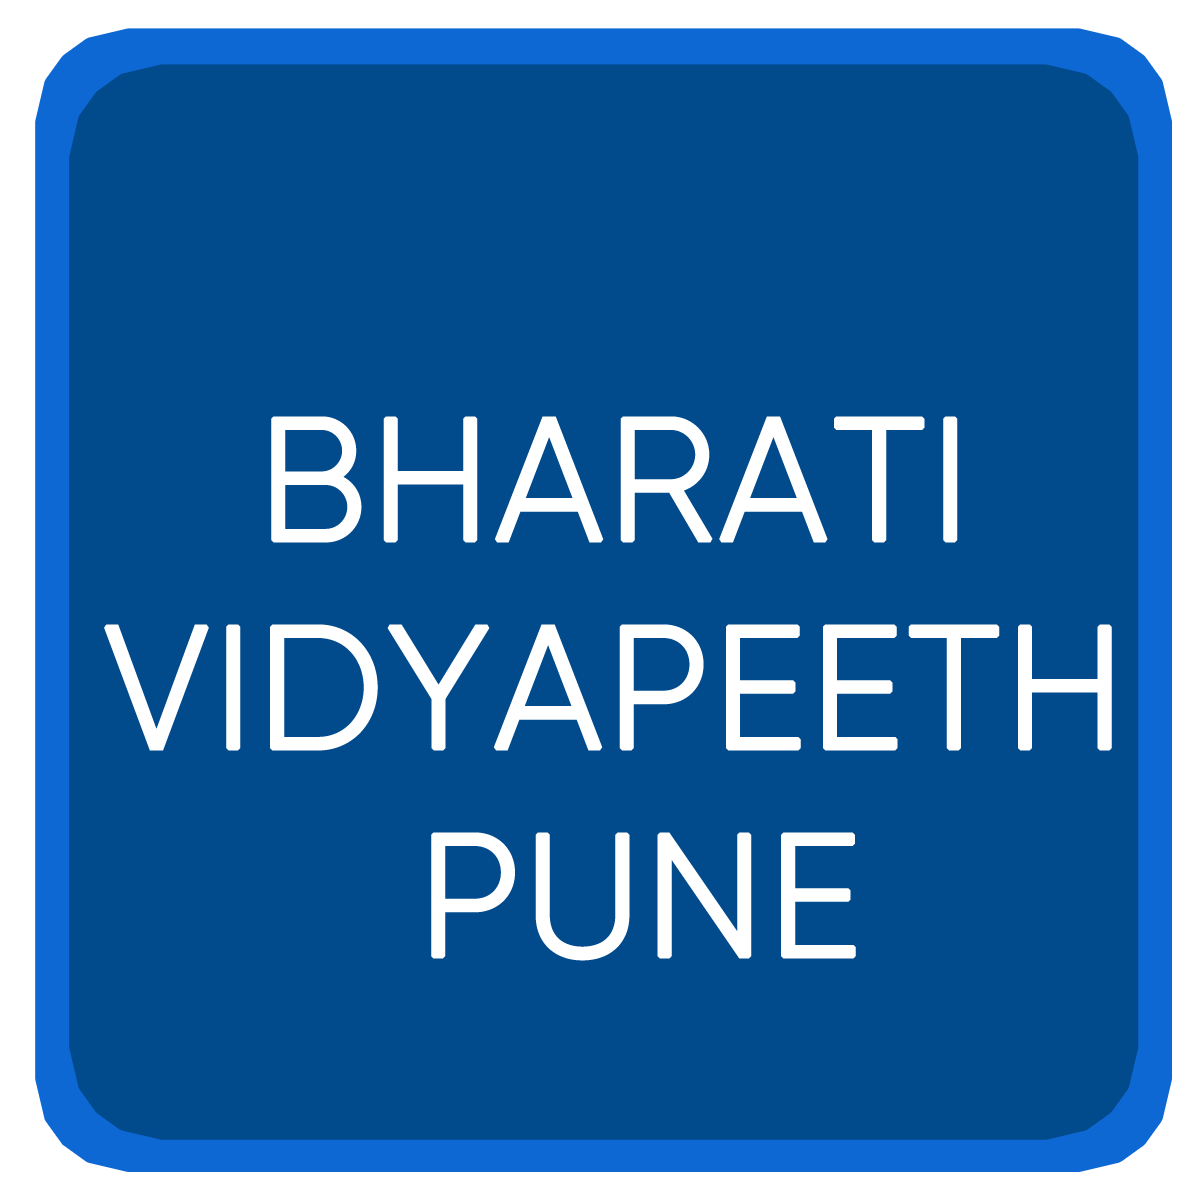 BHARATI VIDYAPEETH PUNE